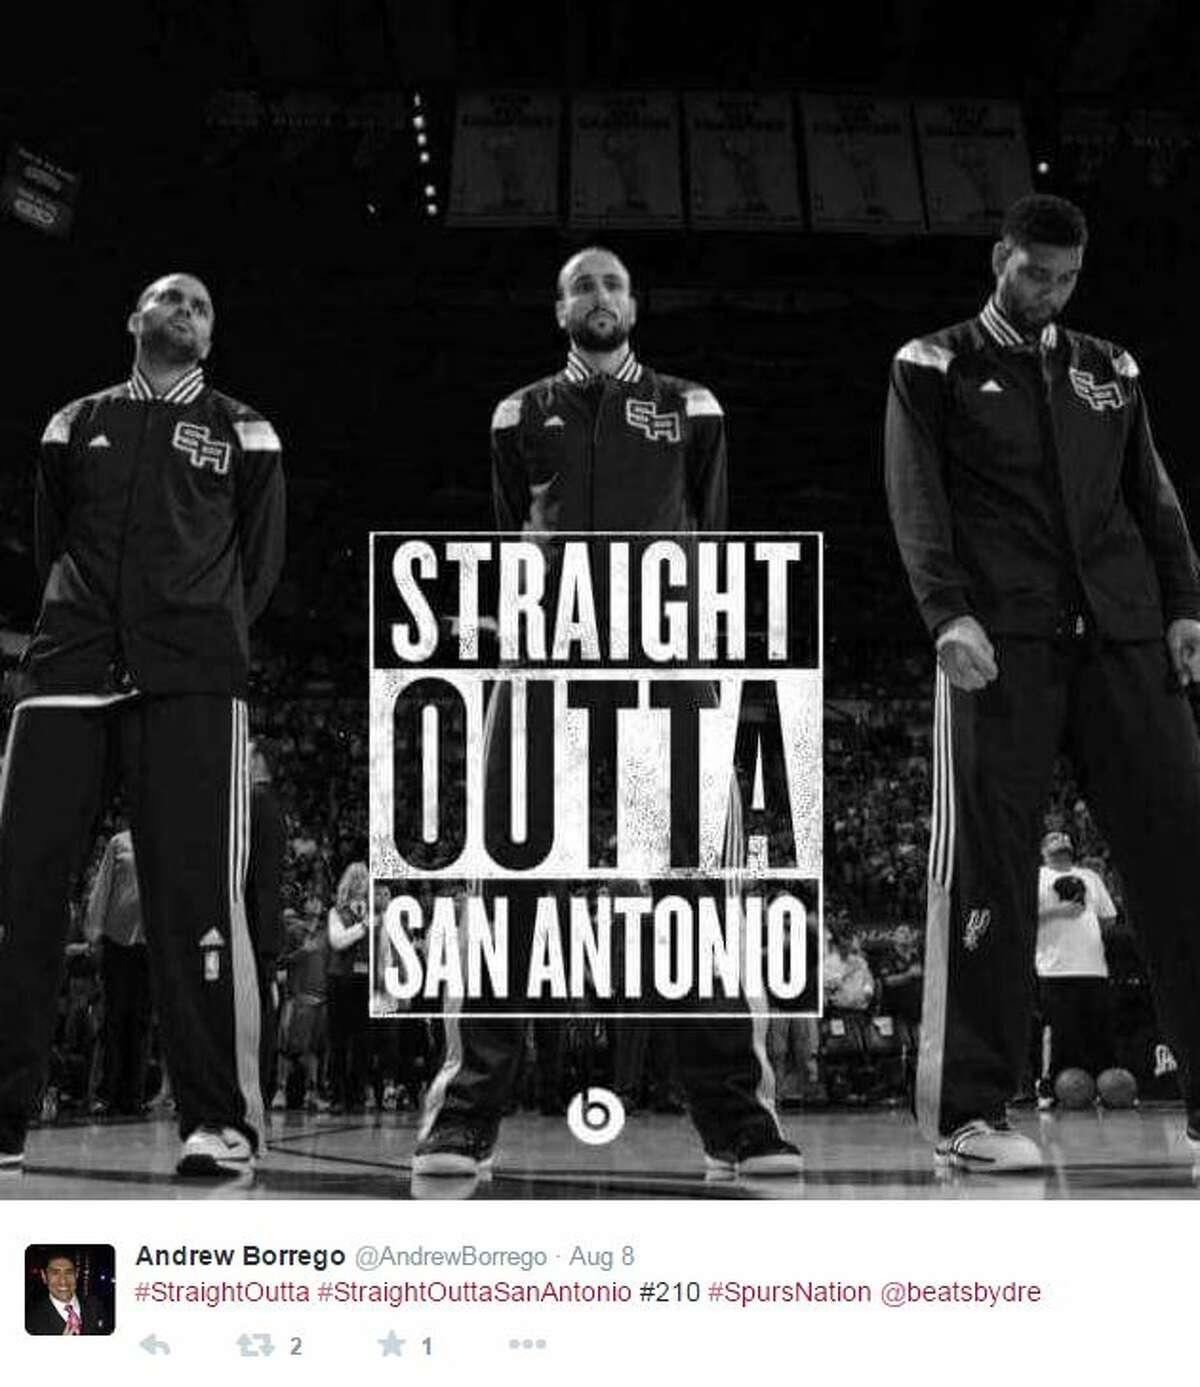 """""""#StraightOutta #StraiightOuttaSanAntonio #210 #SpursNation,"""" @AndrewBorrego"""